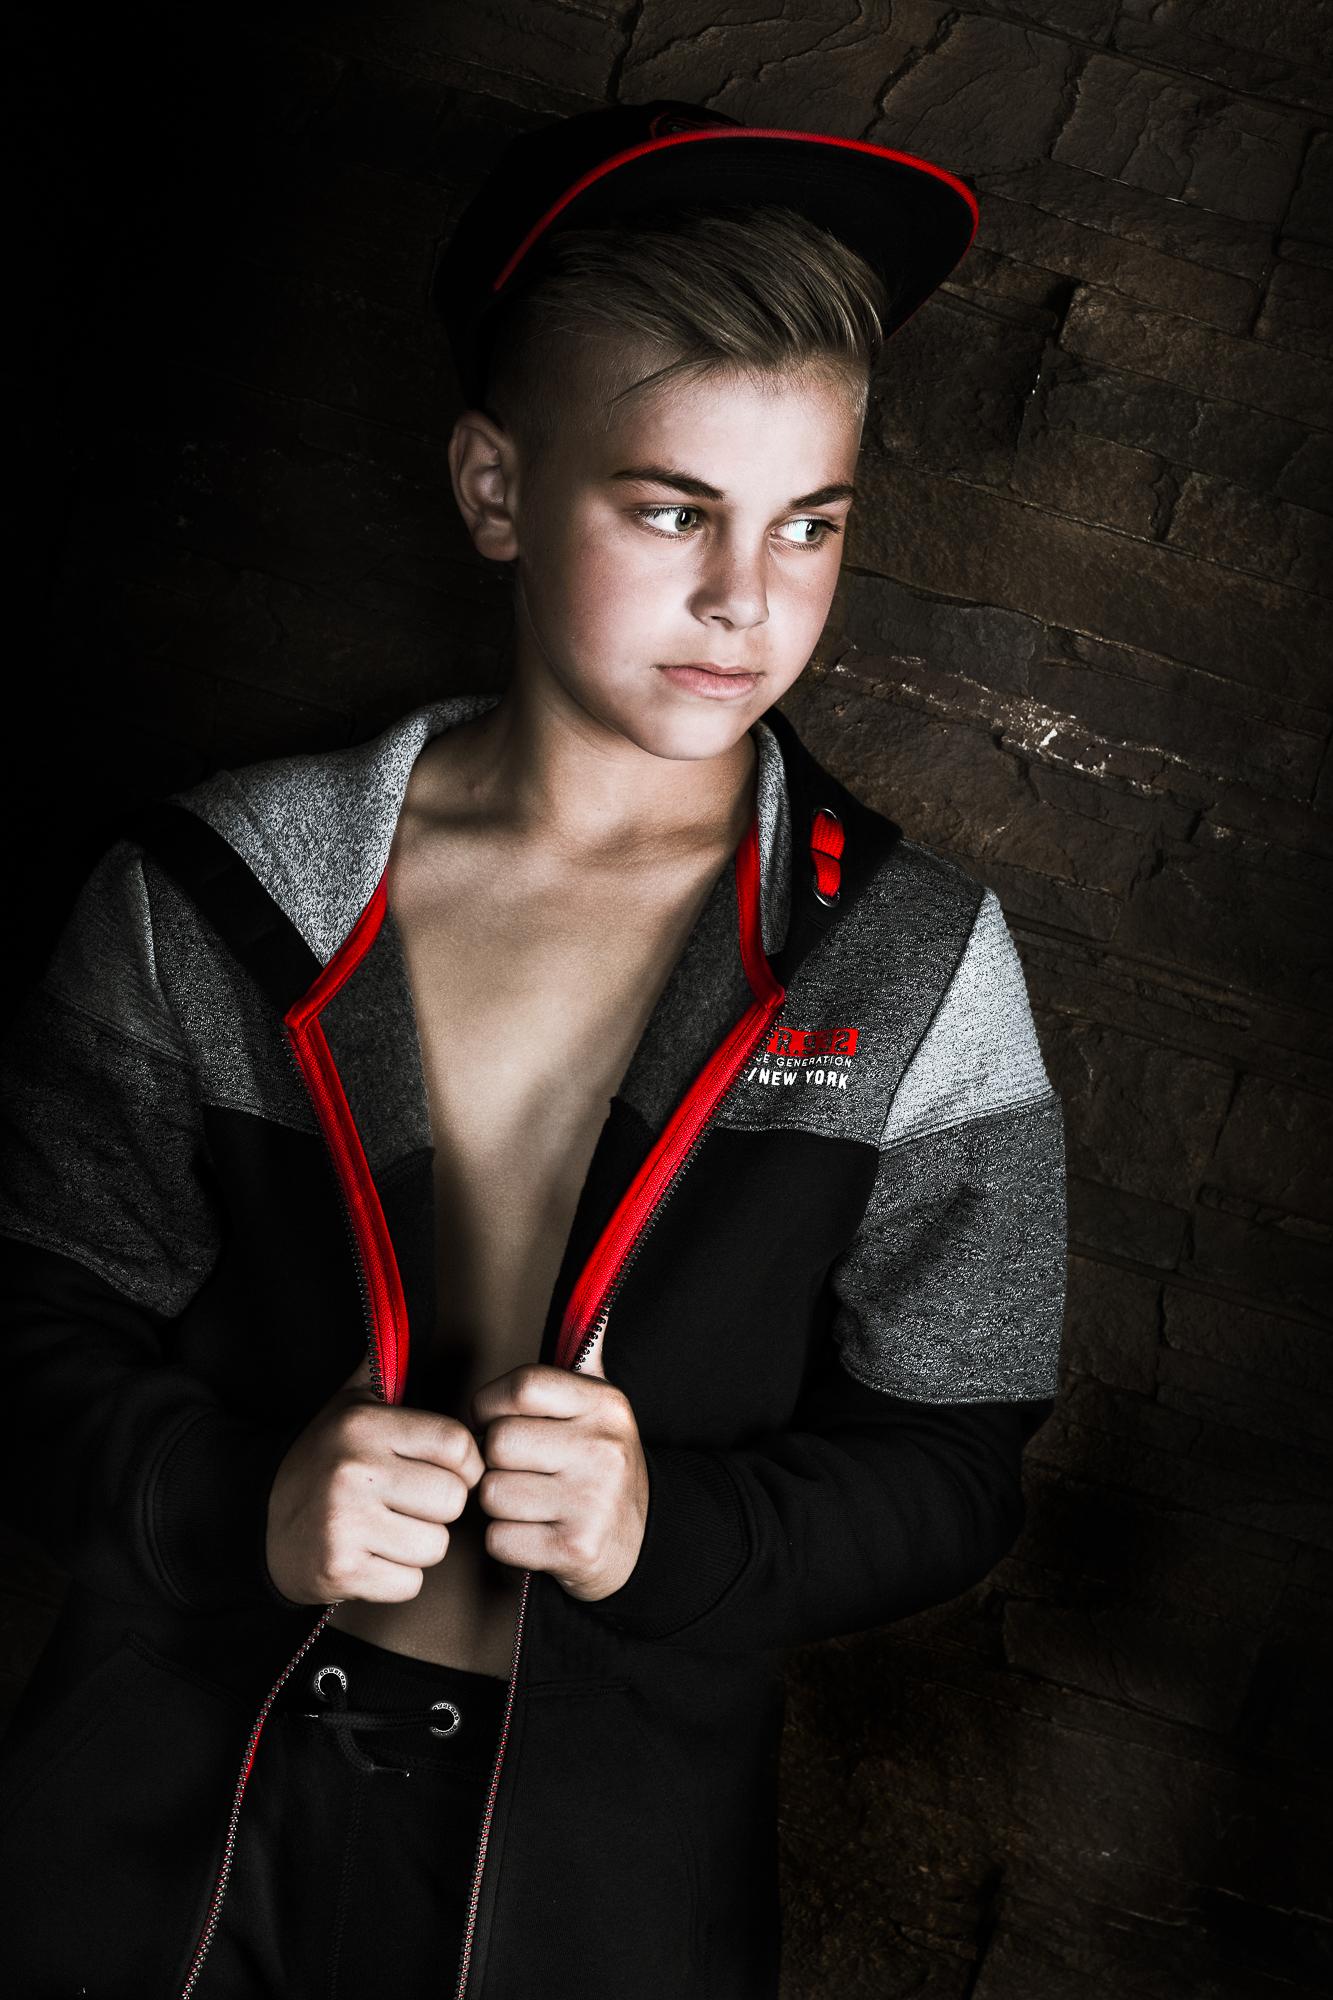 junge_13_Jahre_cool